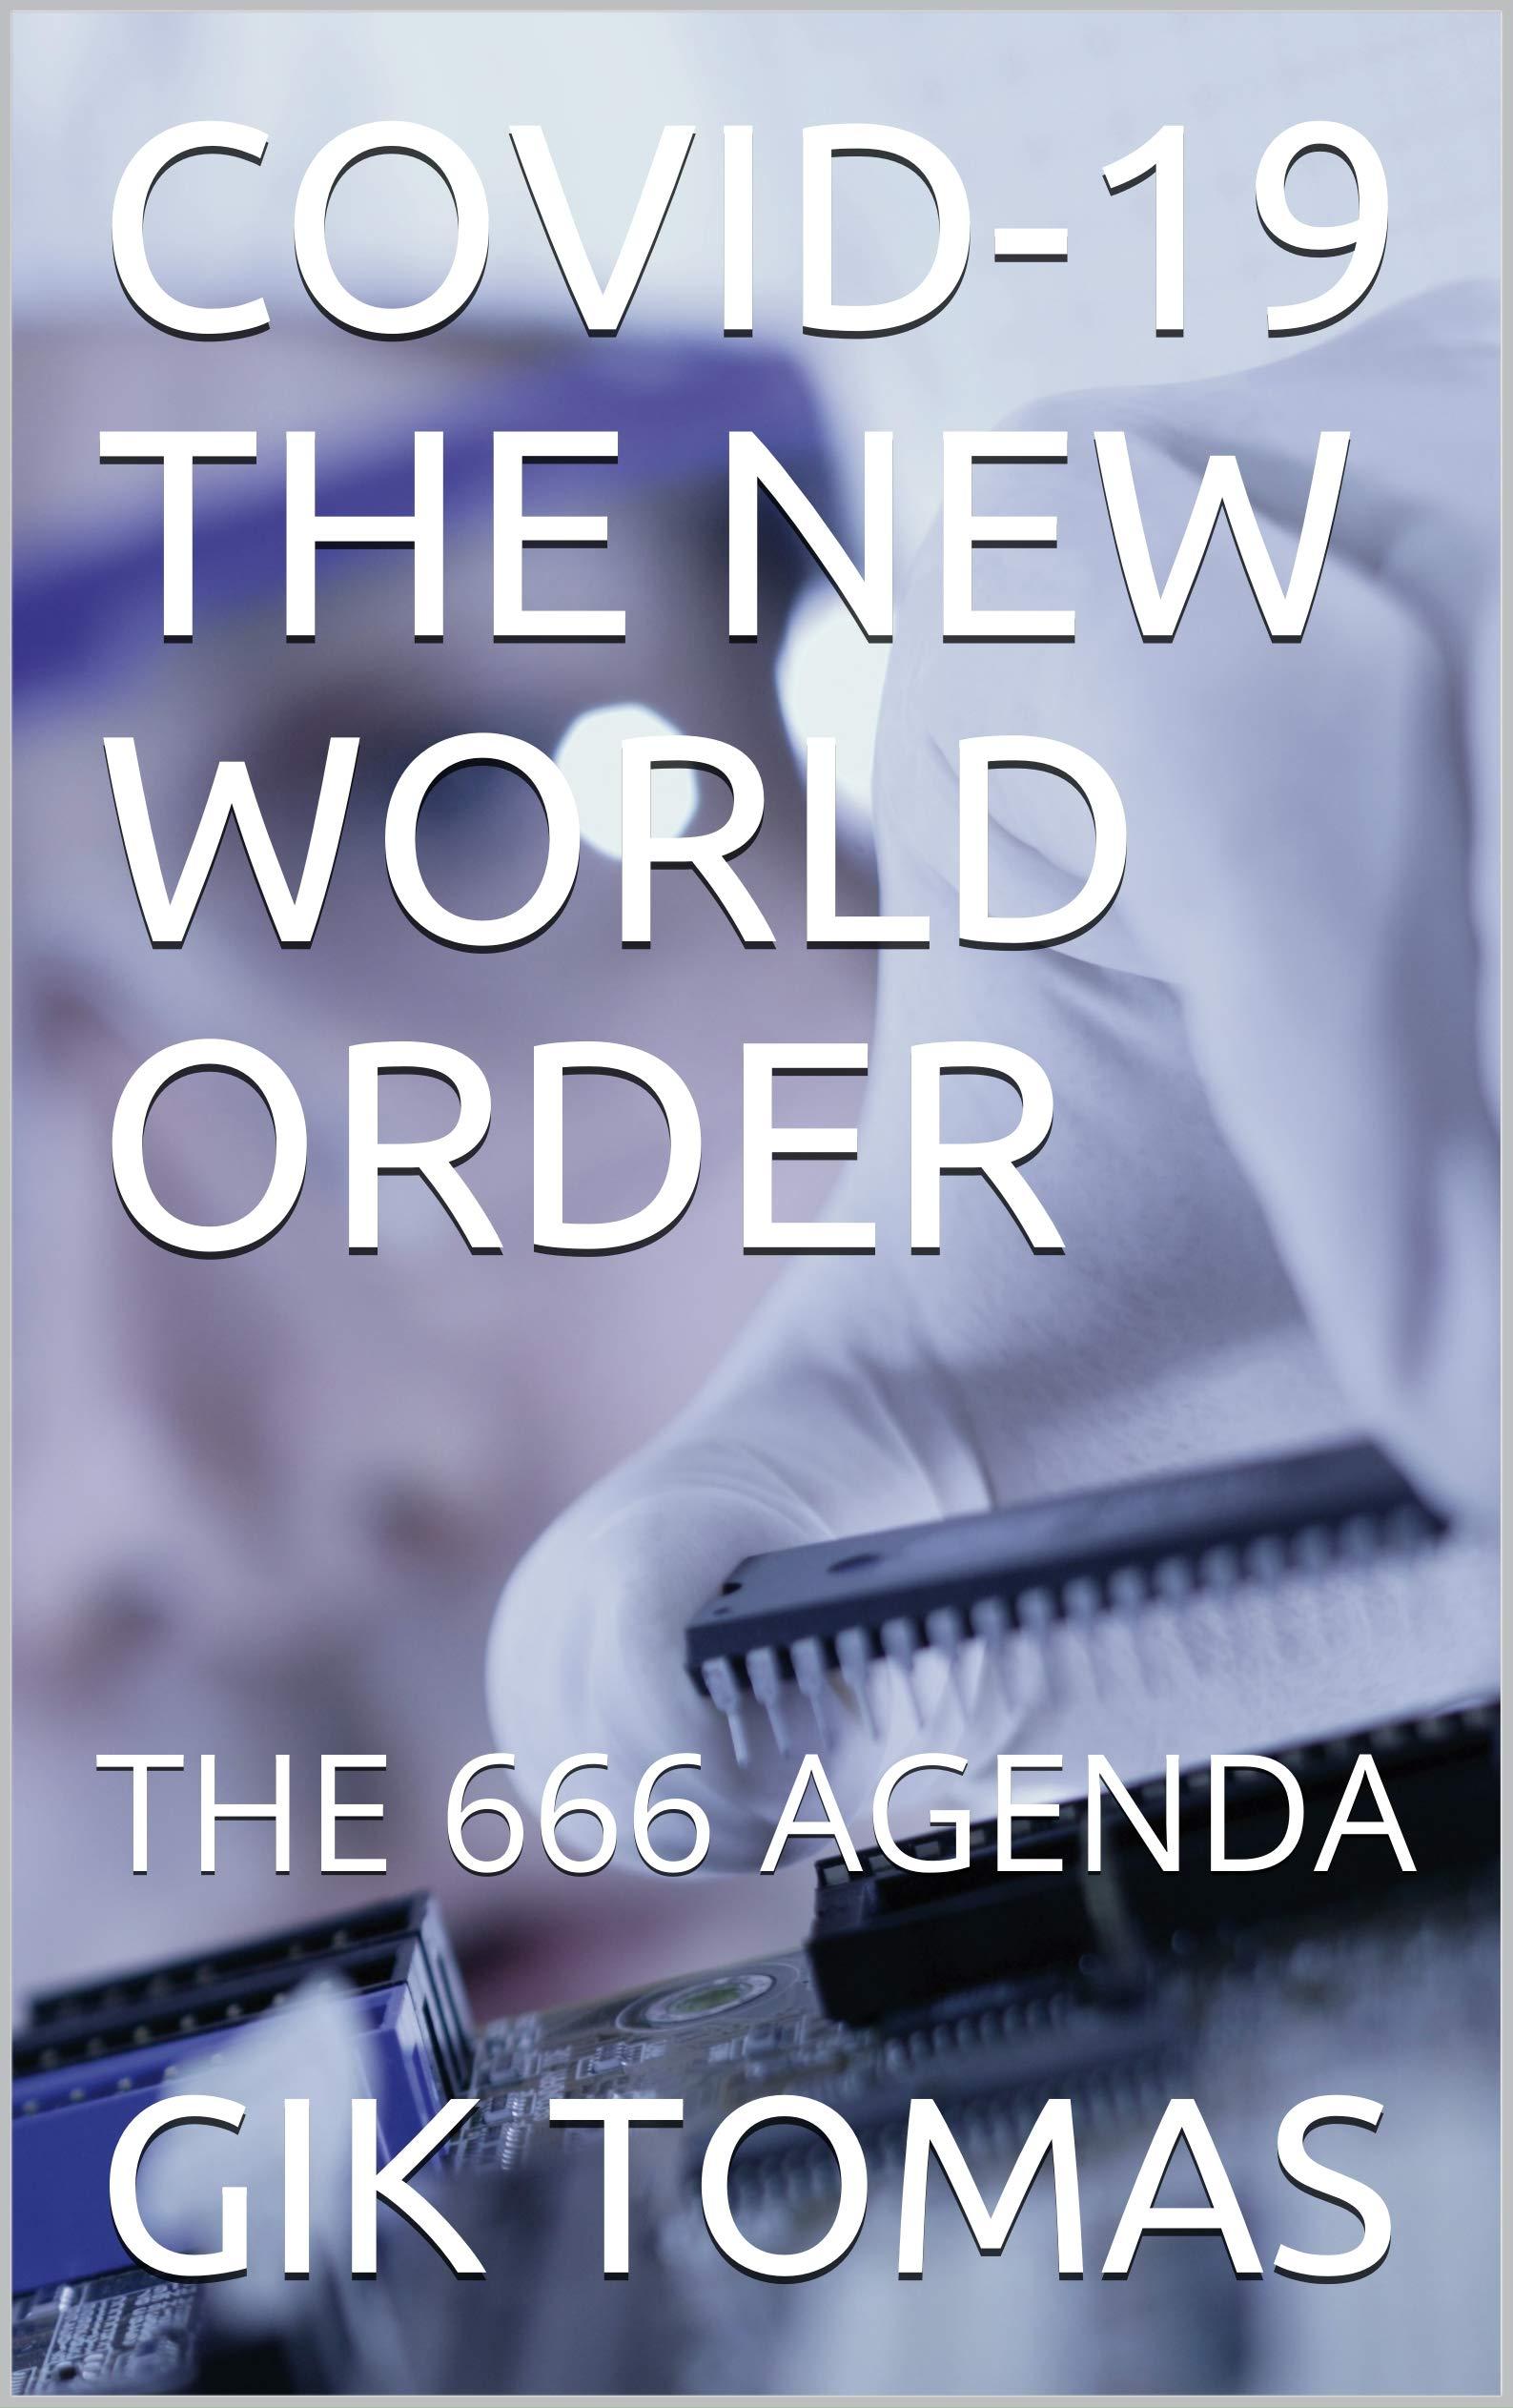 COVID-19 THE NEW WORLD ORDER: THE 666 AGENDA